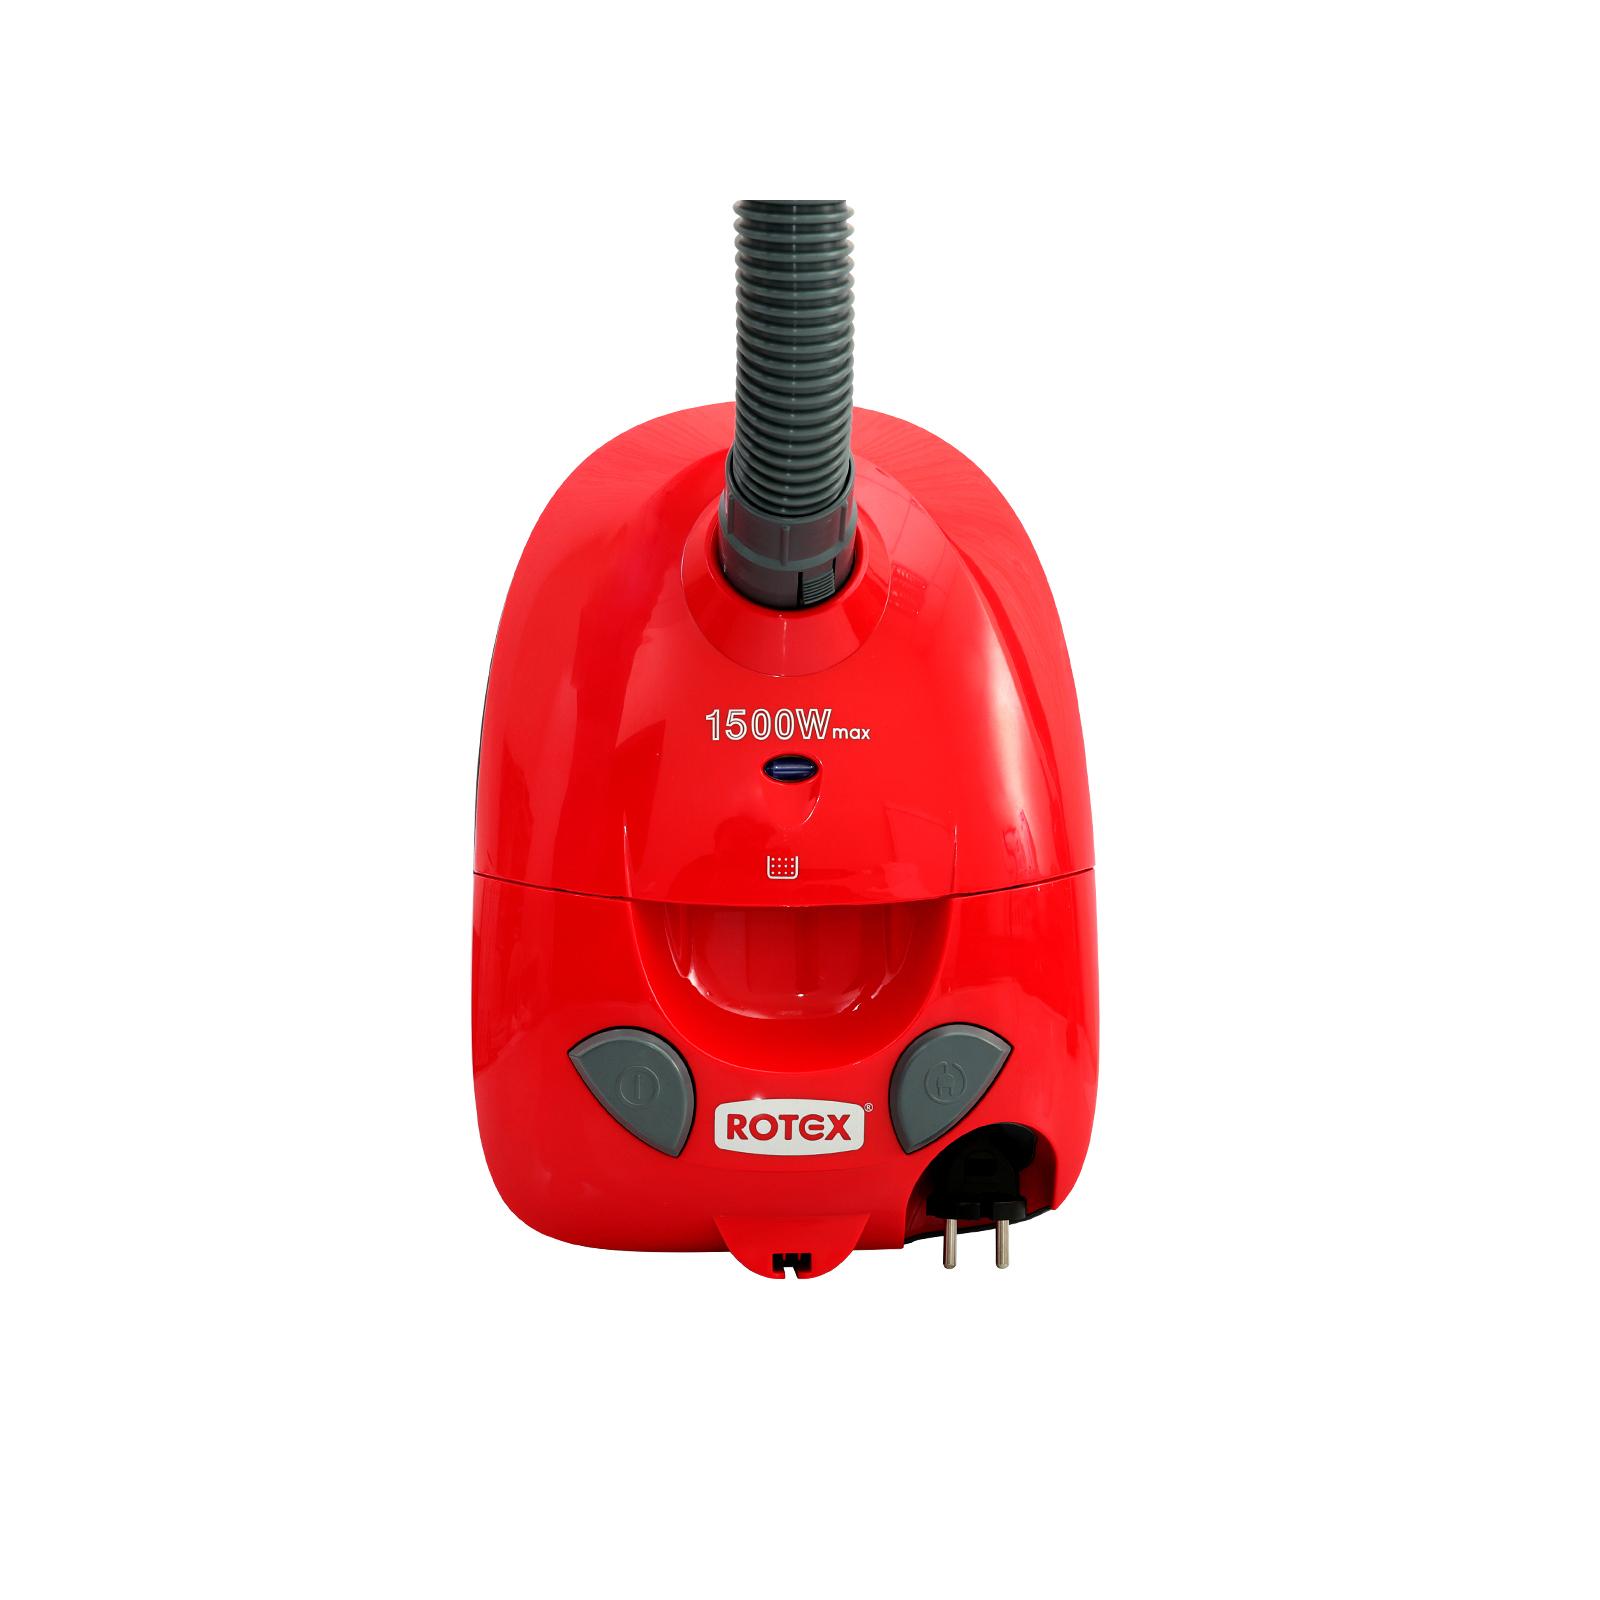 Пылесос Rotex RVB01-P Red изображение 3